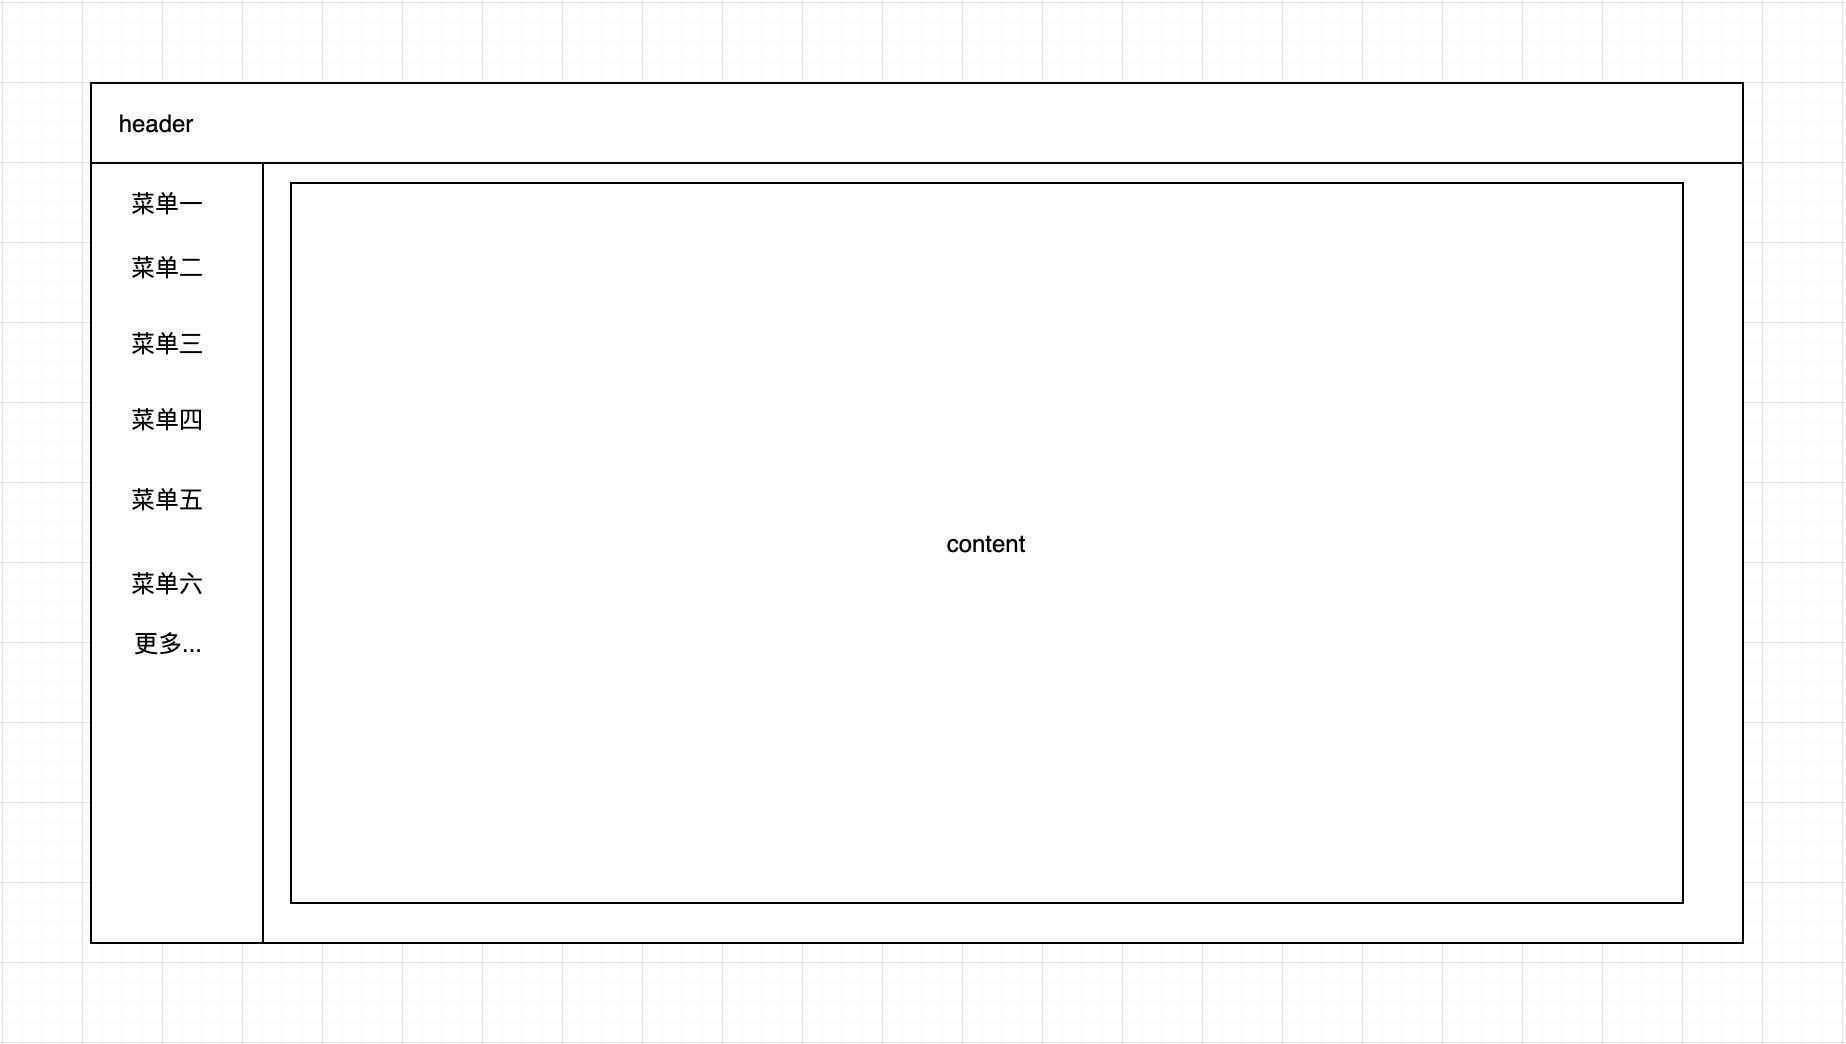 微前端架构初探以及我的前端技术盘点